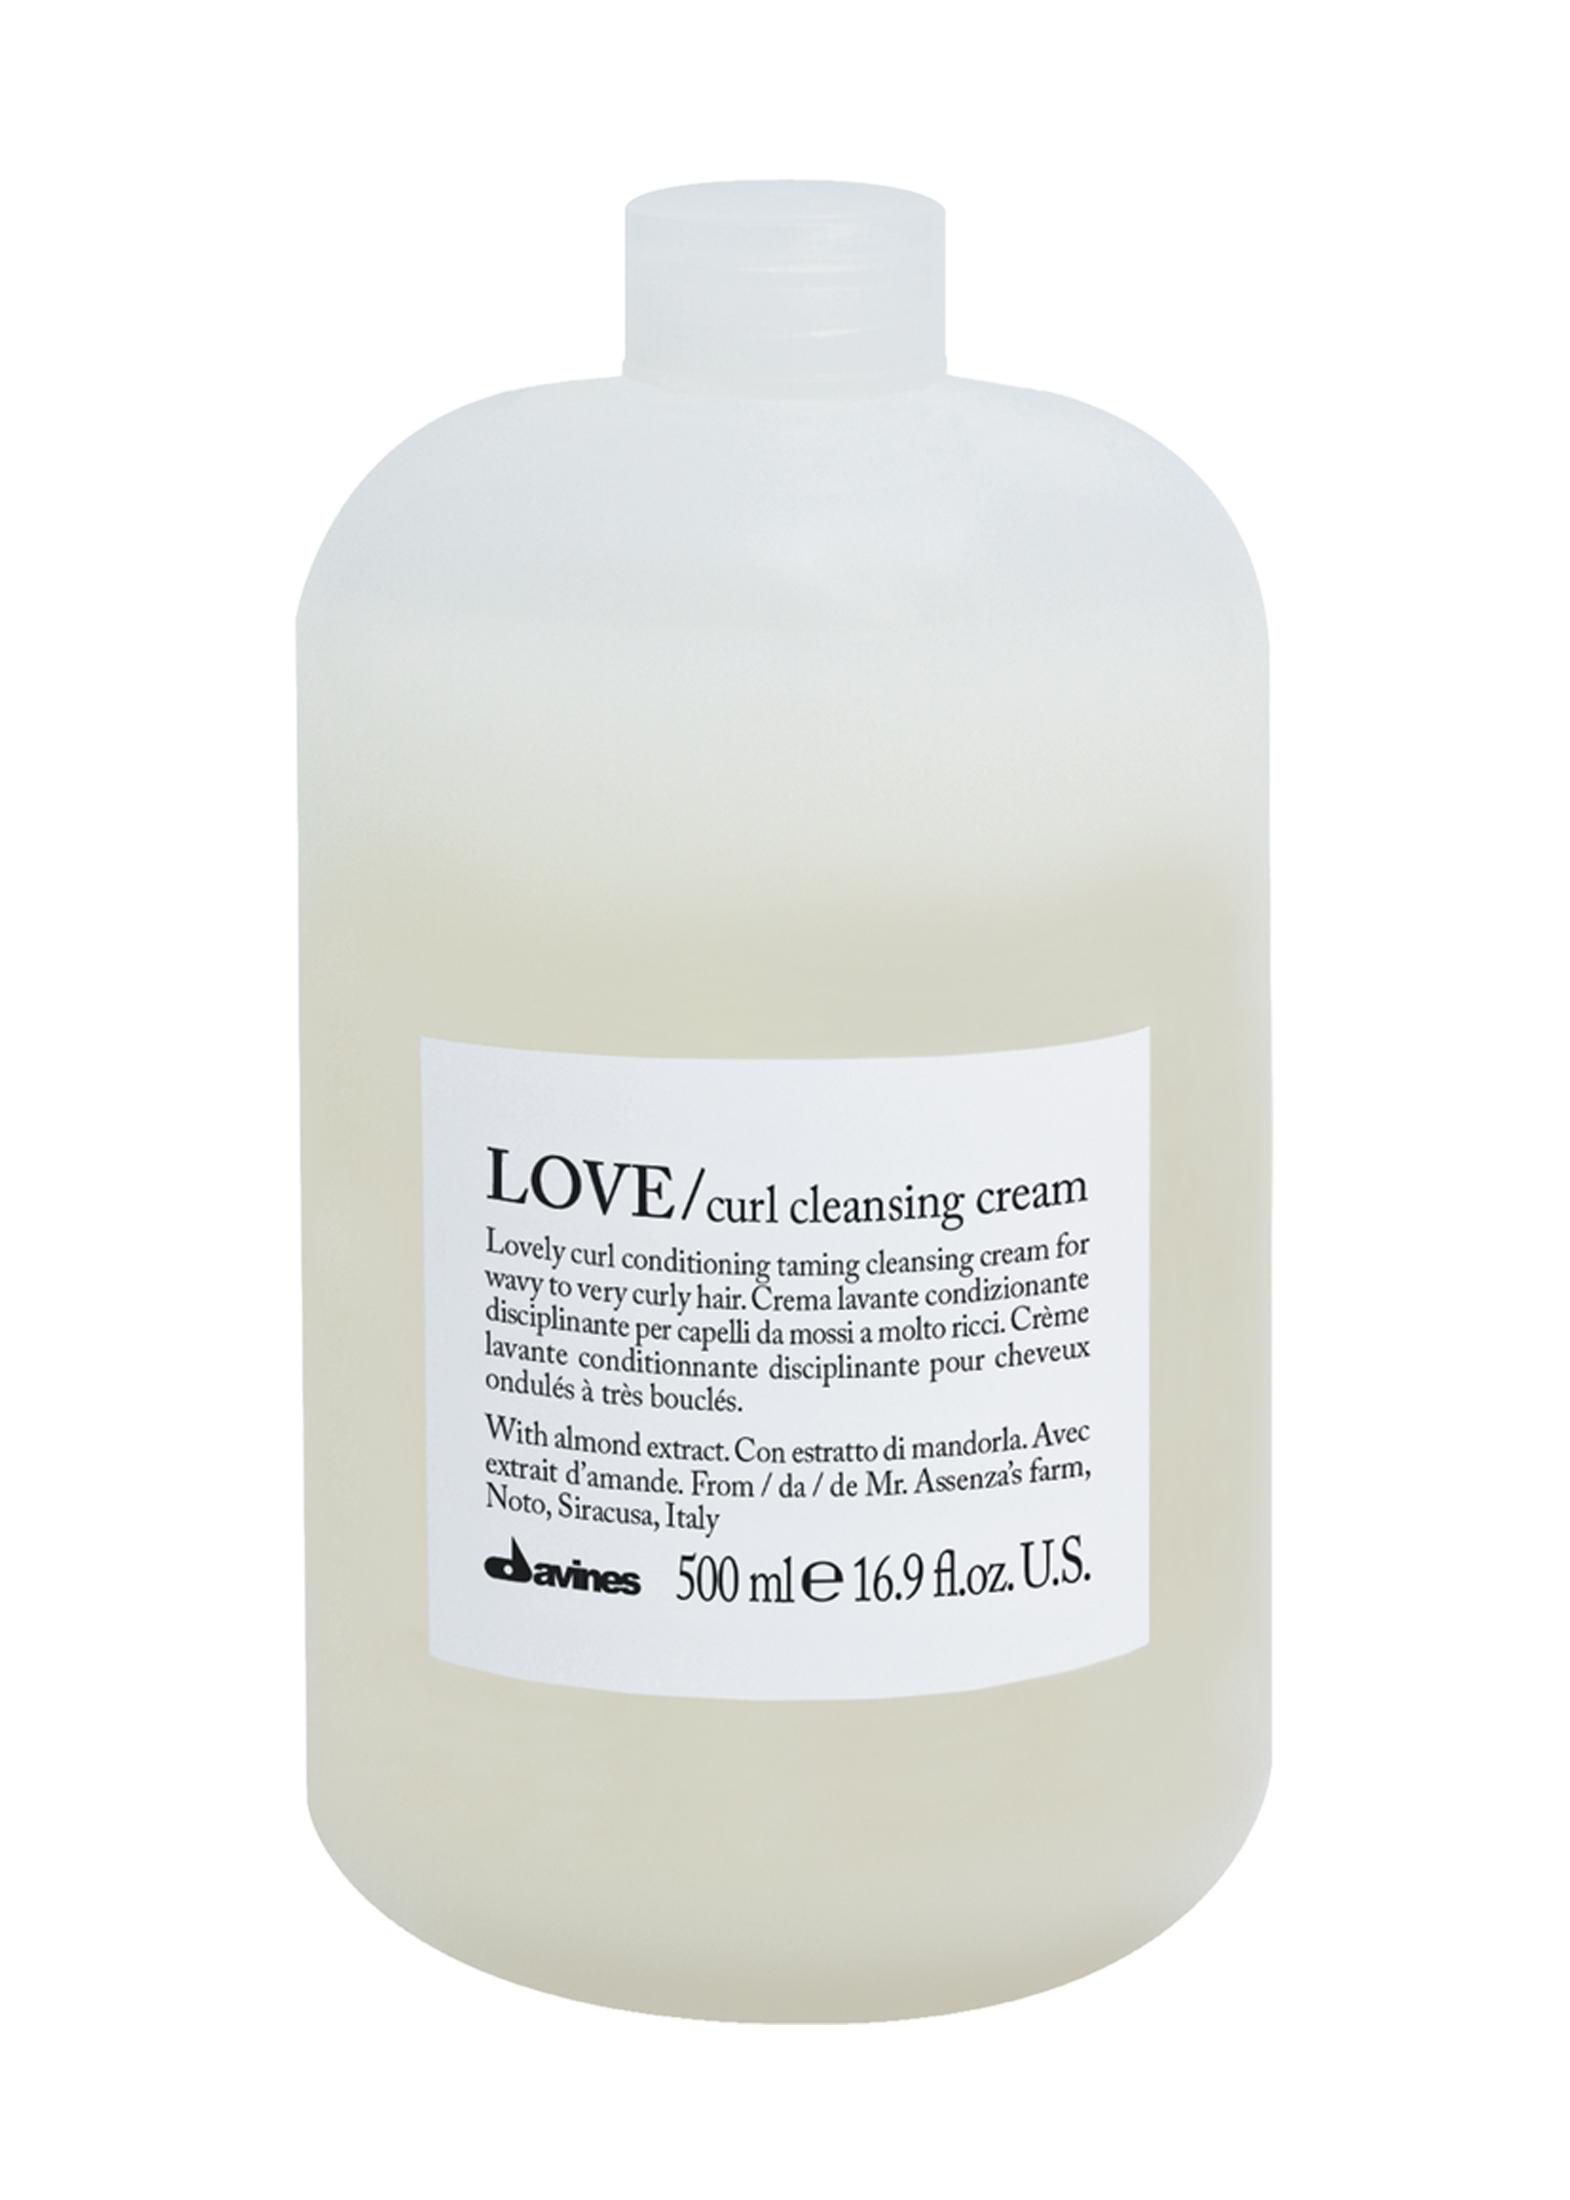 DEHC LOVE CURL Cleansing Cream 500ml image number 0